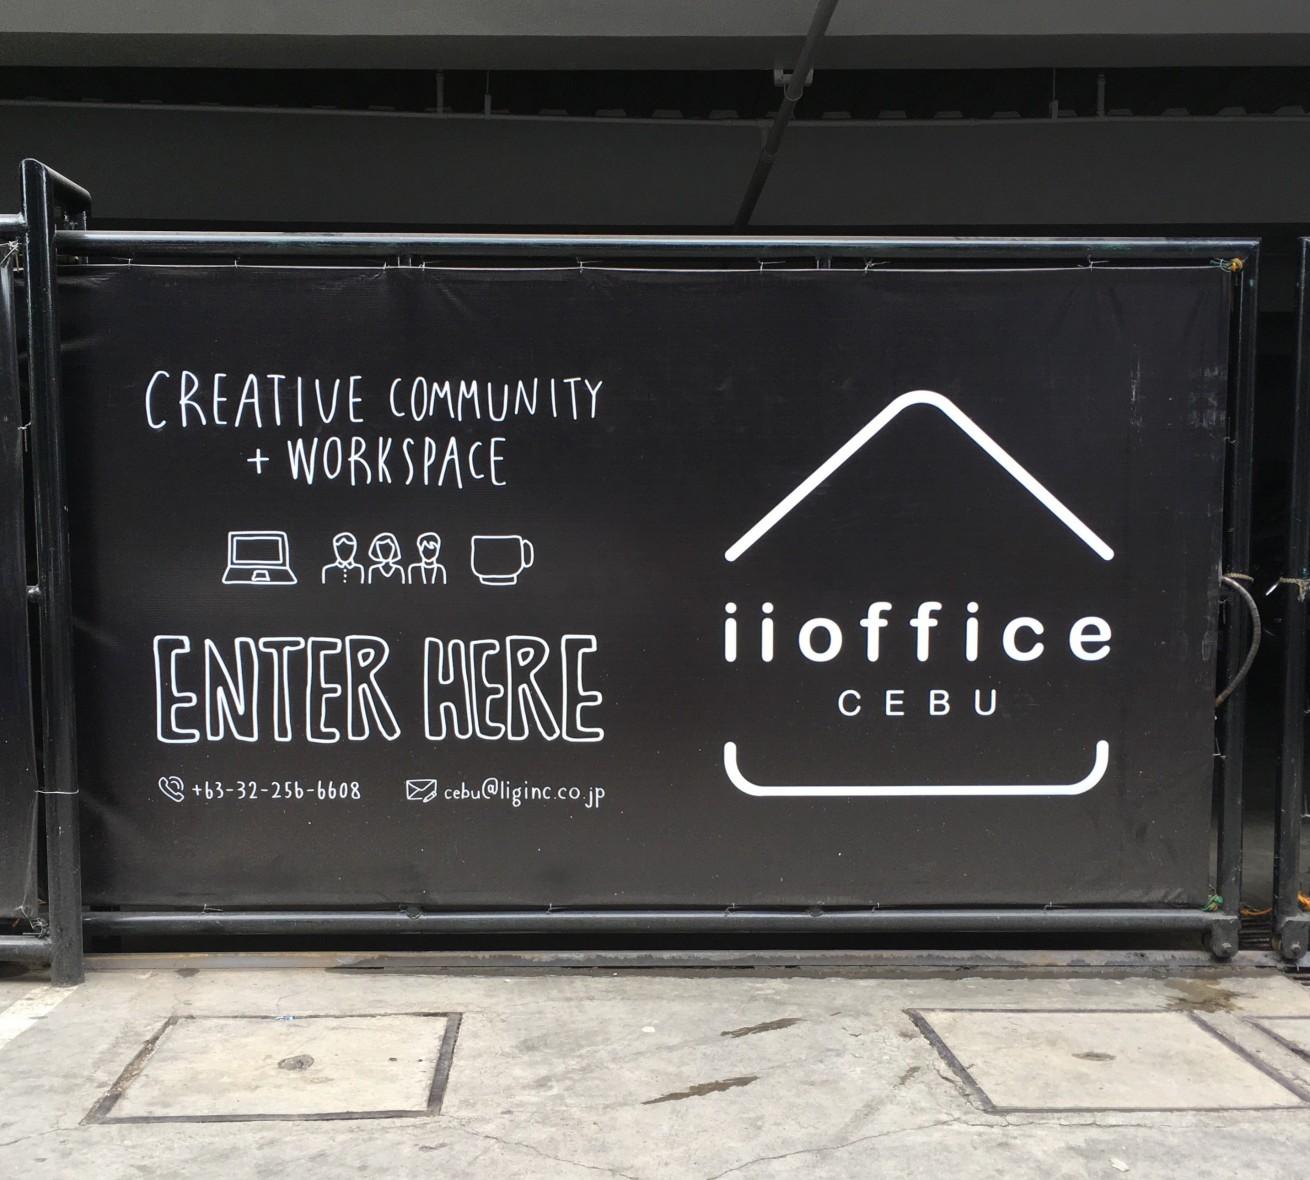 iioffice CEBUの看板の画像